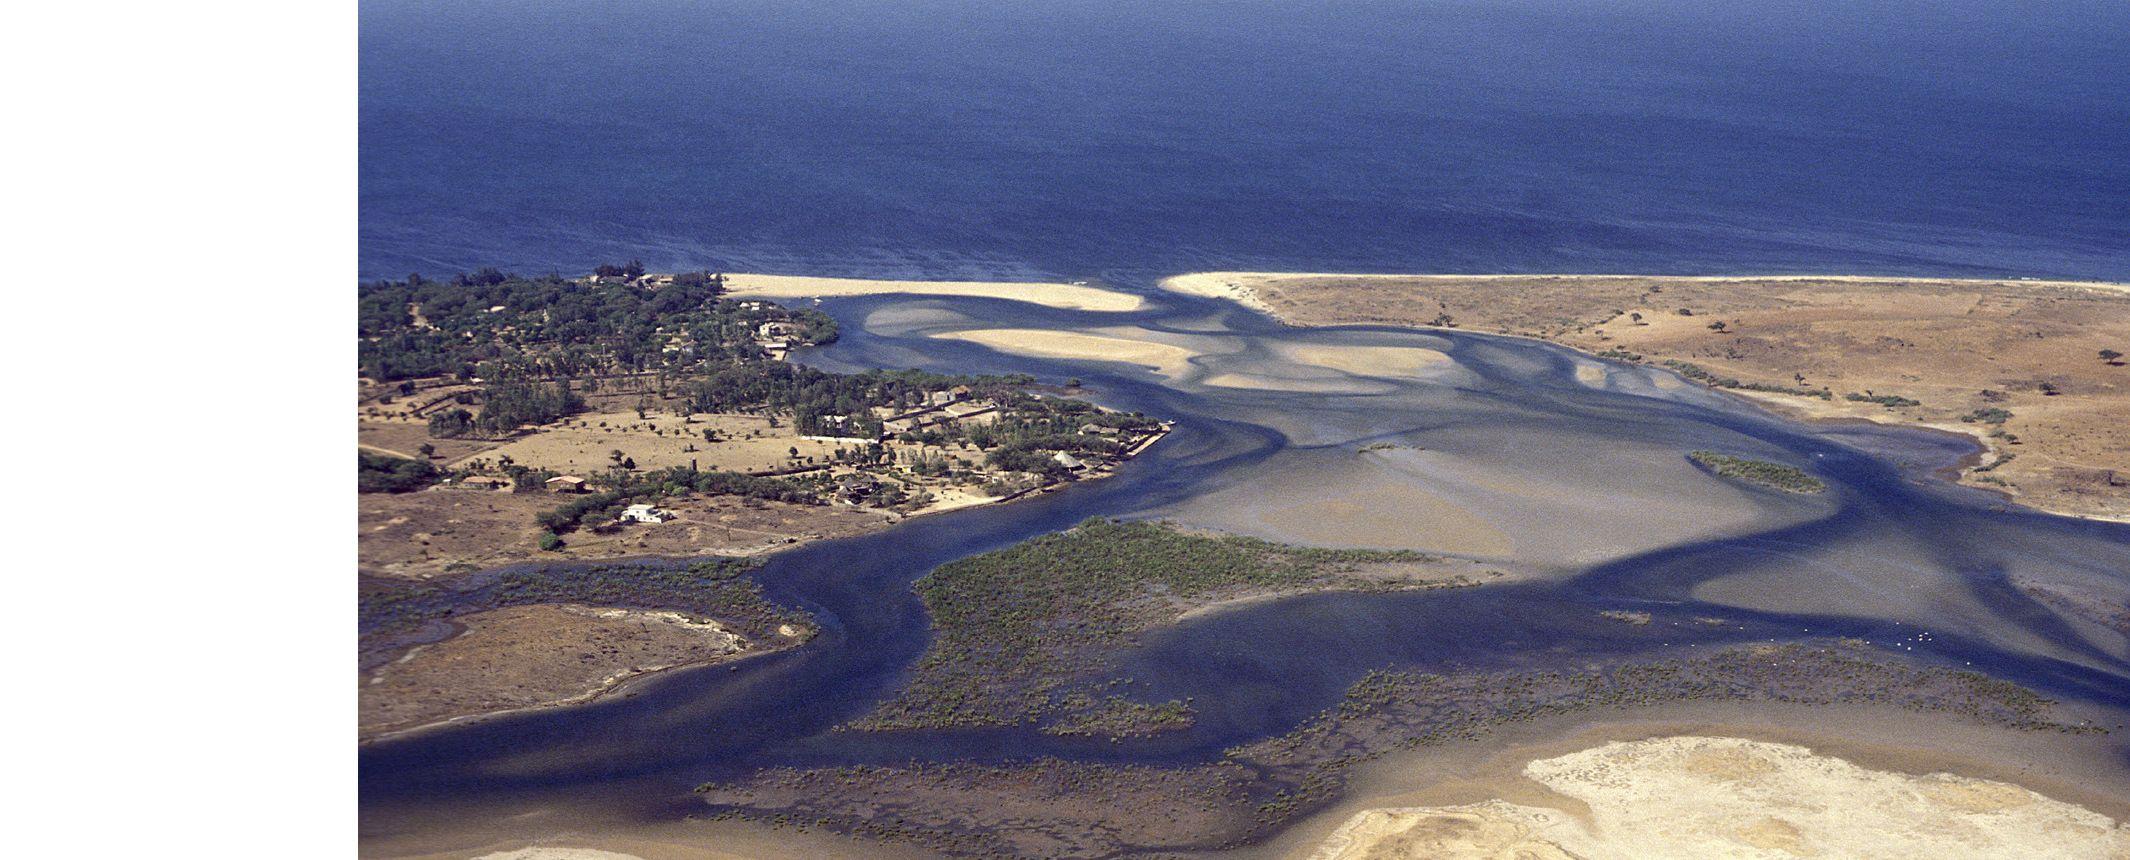 Lso reinos perdidos del Rio Senegal